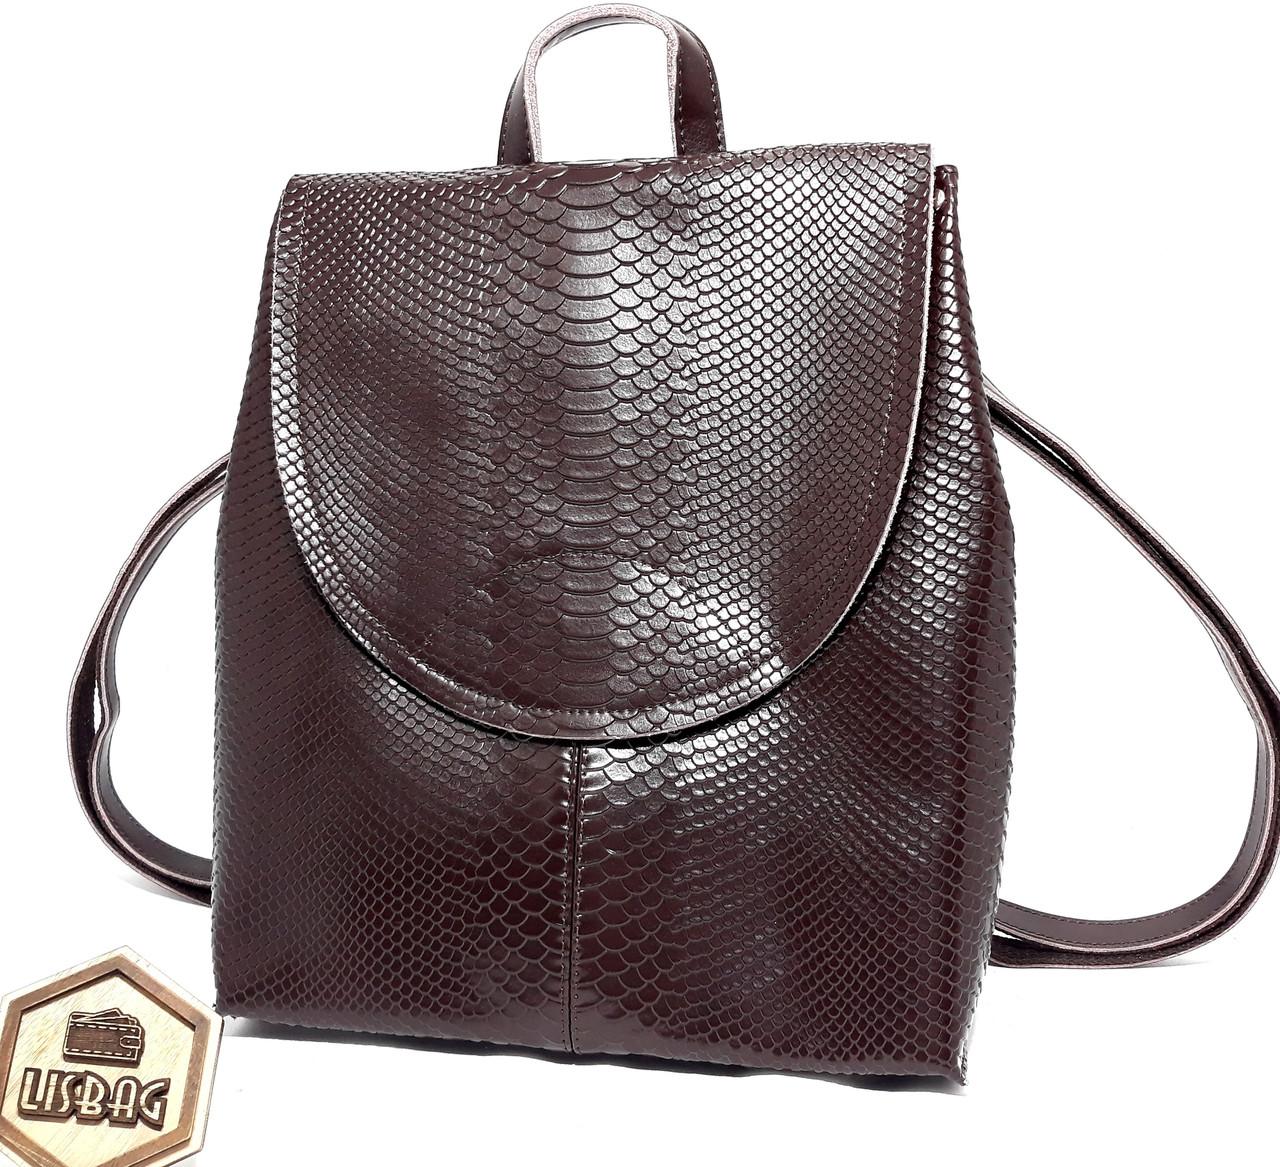 83291ee389ca Женская сумка-портфель 3D из натуральной кожи Коричневого цвета, модельный  ряд 2019